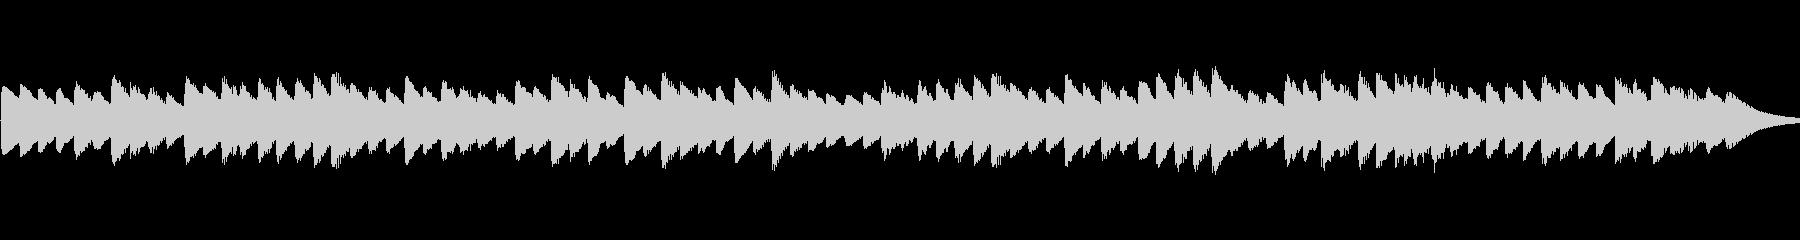 カヴァレリア・ルスティカーナのオルゴールの未再生の波形